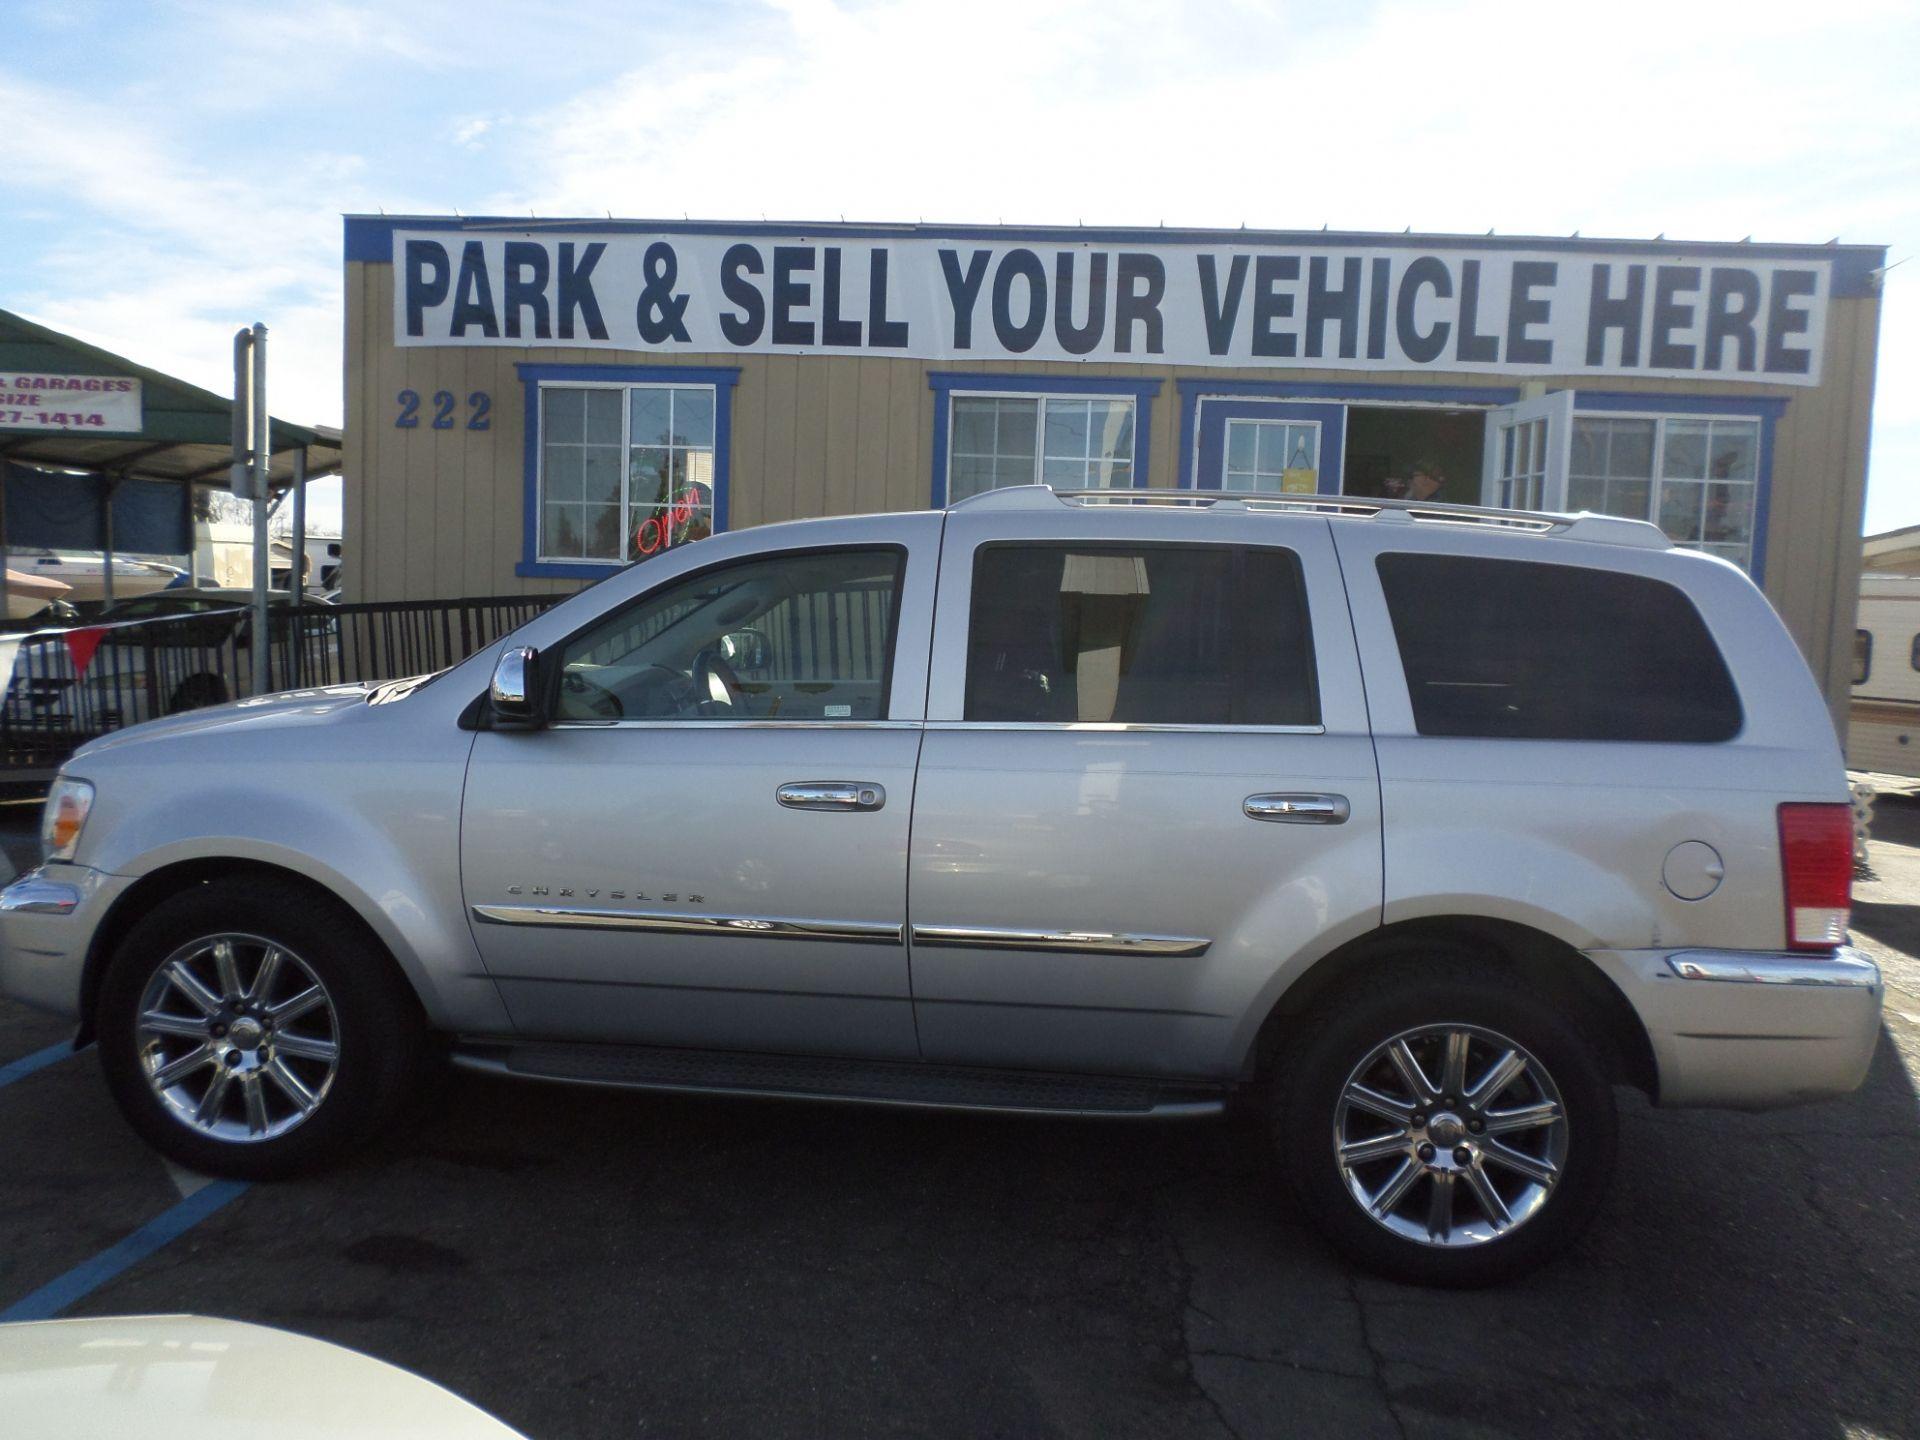 2007 Chrysler Aspen Limited Suv For Sale Aspen The Row